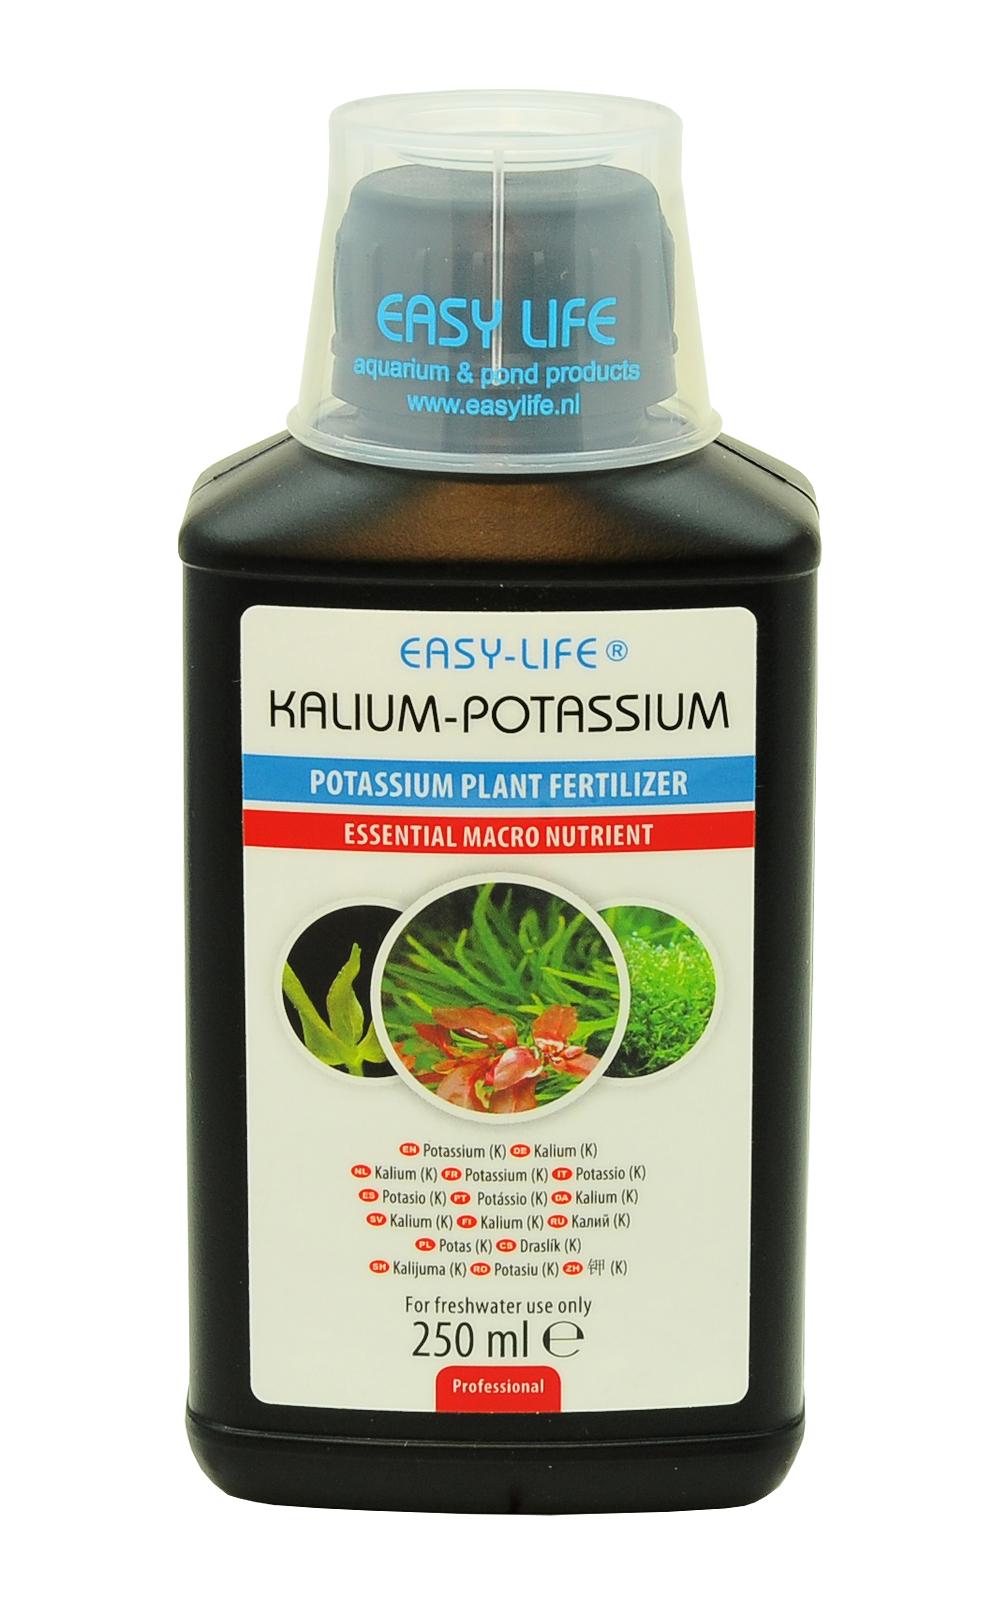 EASY-LIFE Kalium 250ml apports en potassium pour les plantes d\'aquariums. Traite 2500 litres d\'eau douce.